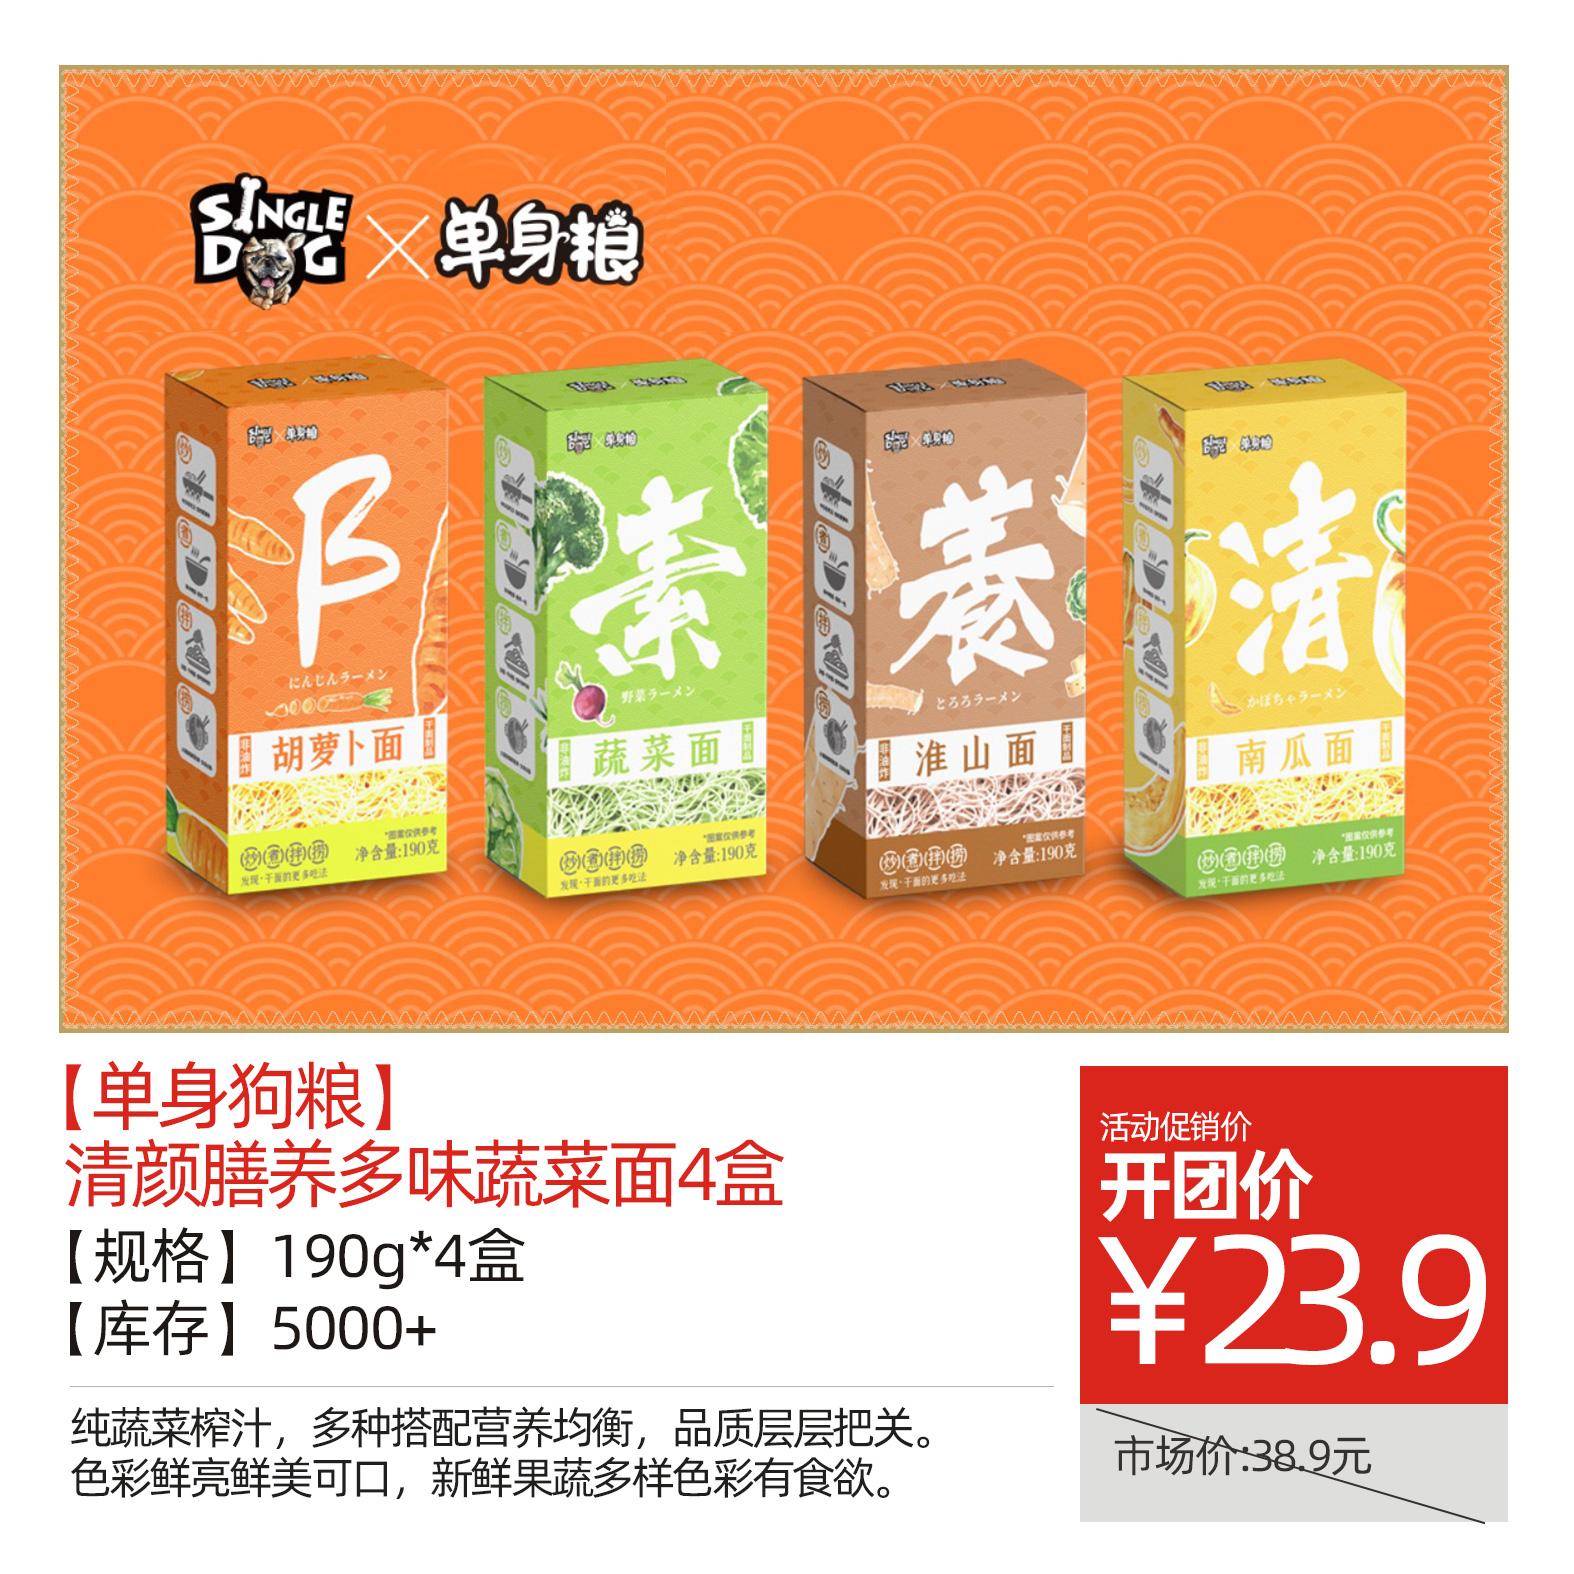 【单身狗粮】清颜膳养多味蔬菜面4盒